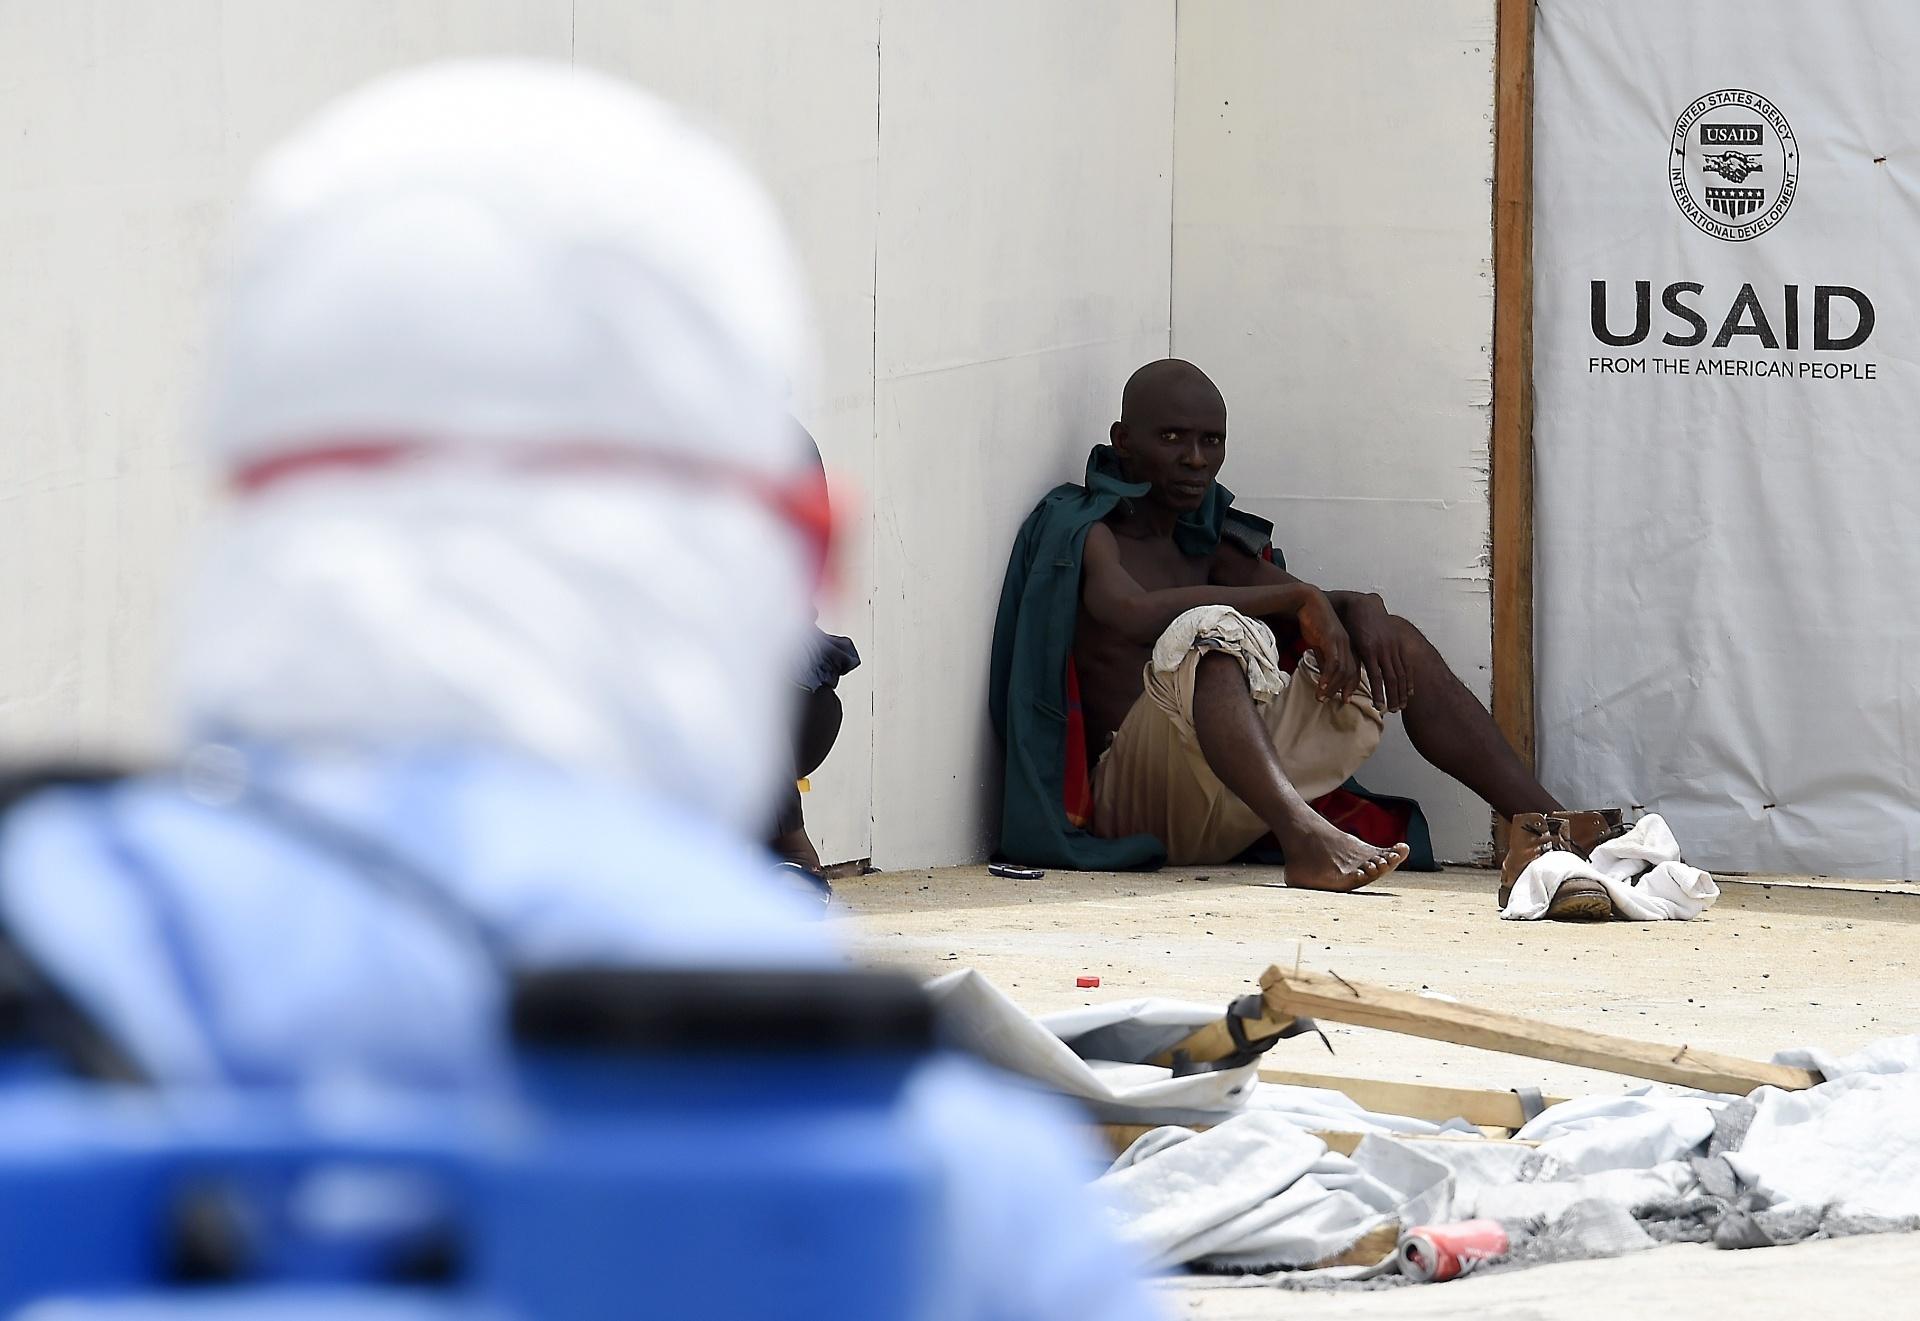 30.set.2014 - Paciente com suspeita de estar infectado com o vírus ebola aguarda atendimento no chão do Island Hospital, em Monróvia, na Libéria. O país foi o mais atingido pelo surto de ebola que já matou mais de 3.000 pessoas na África Oriental. Segundo dados da ONU, 1.830 pessoas morreram e 3.458 pessoas foram infectadas na Libéria